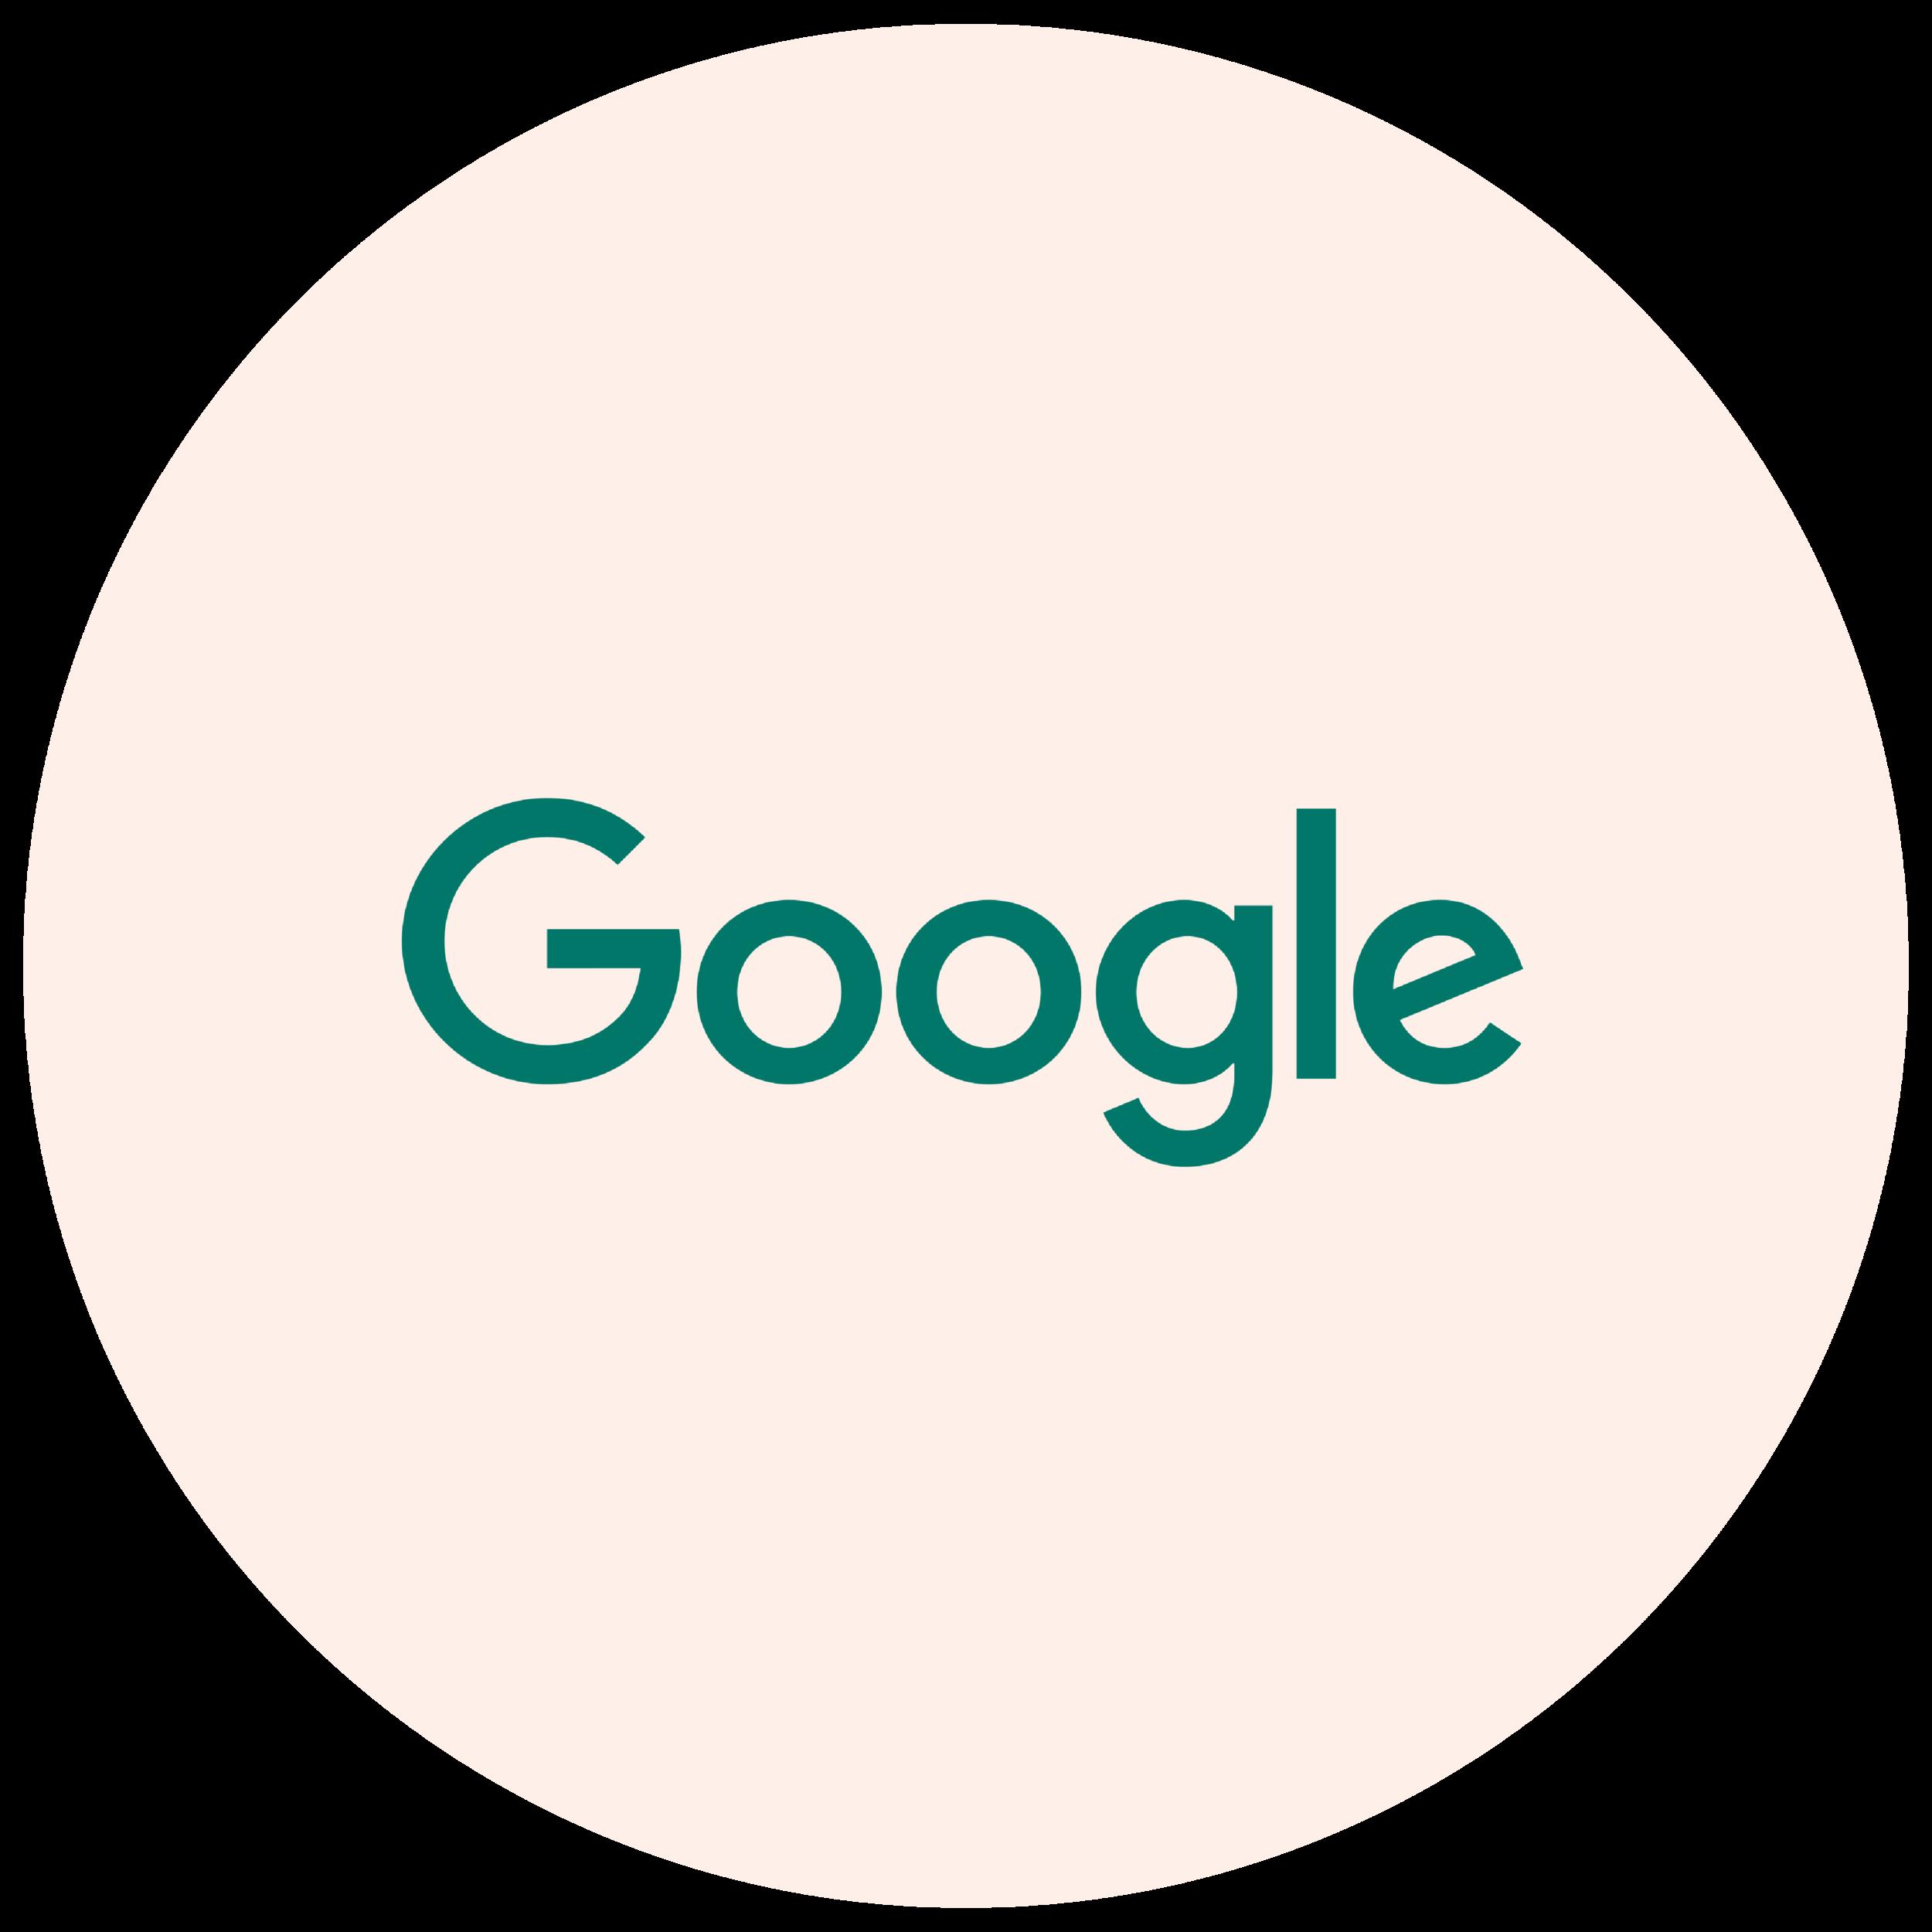 Google review circle.png